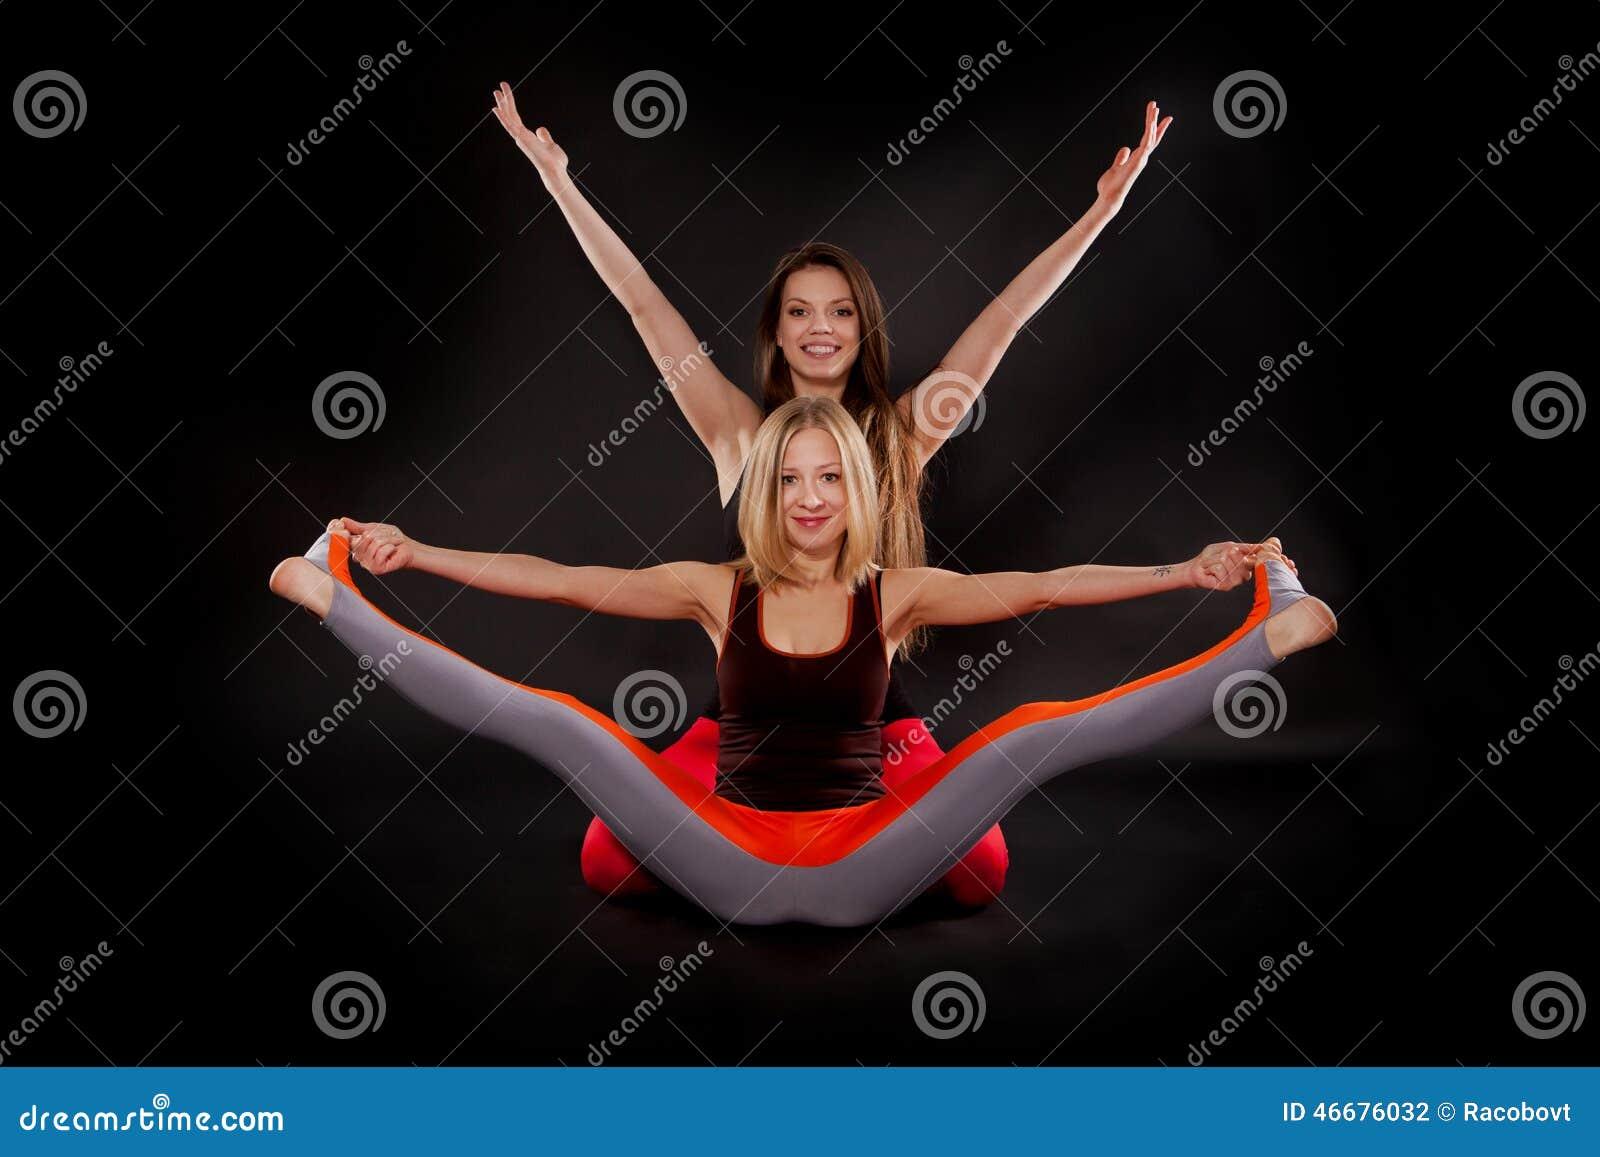 做瑜伽的两个女孩